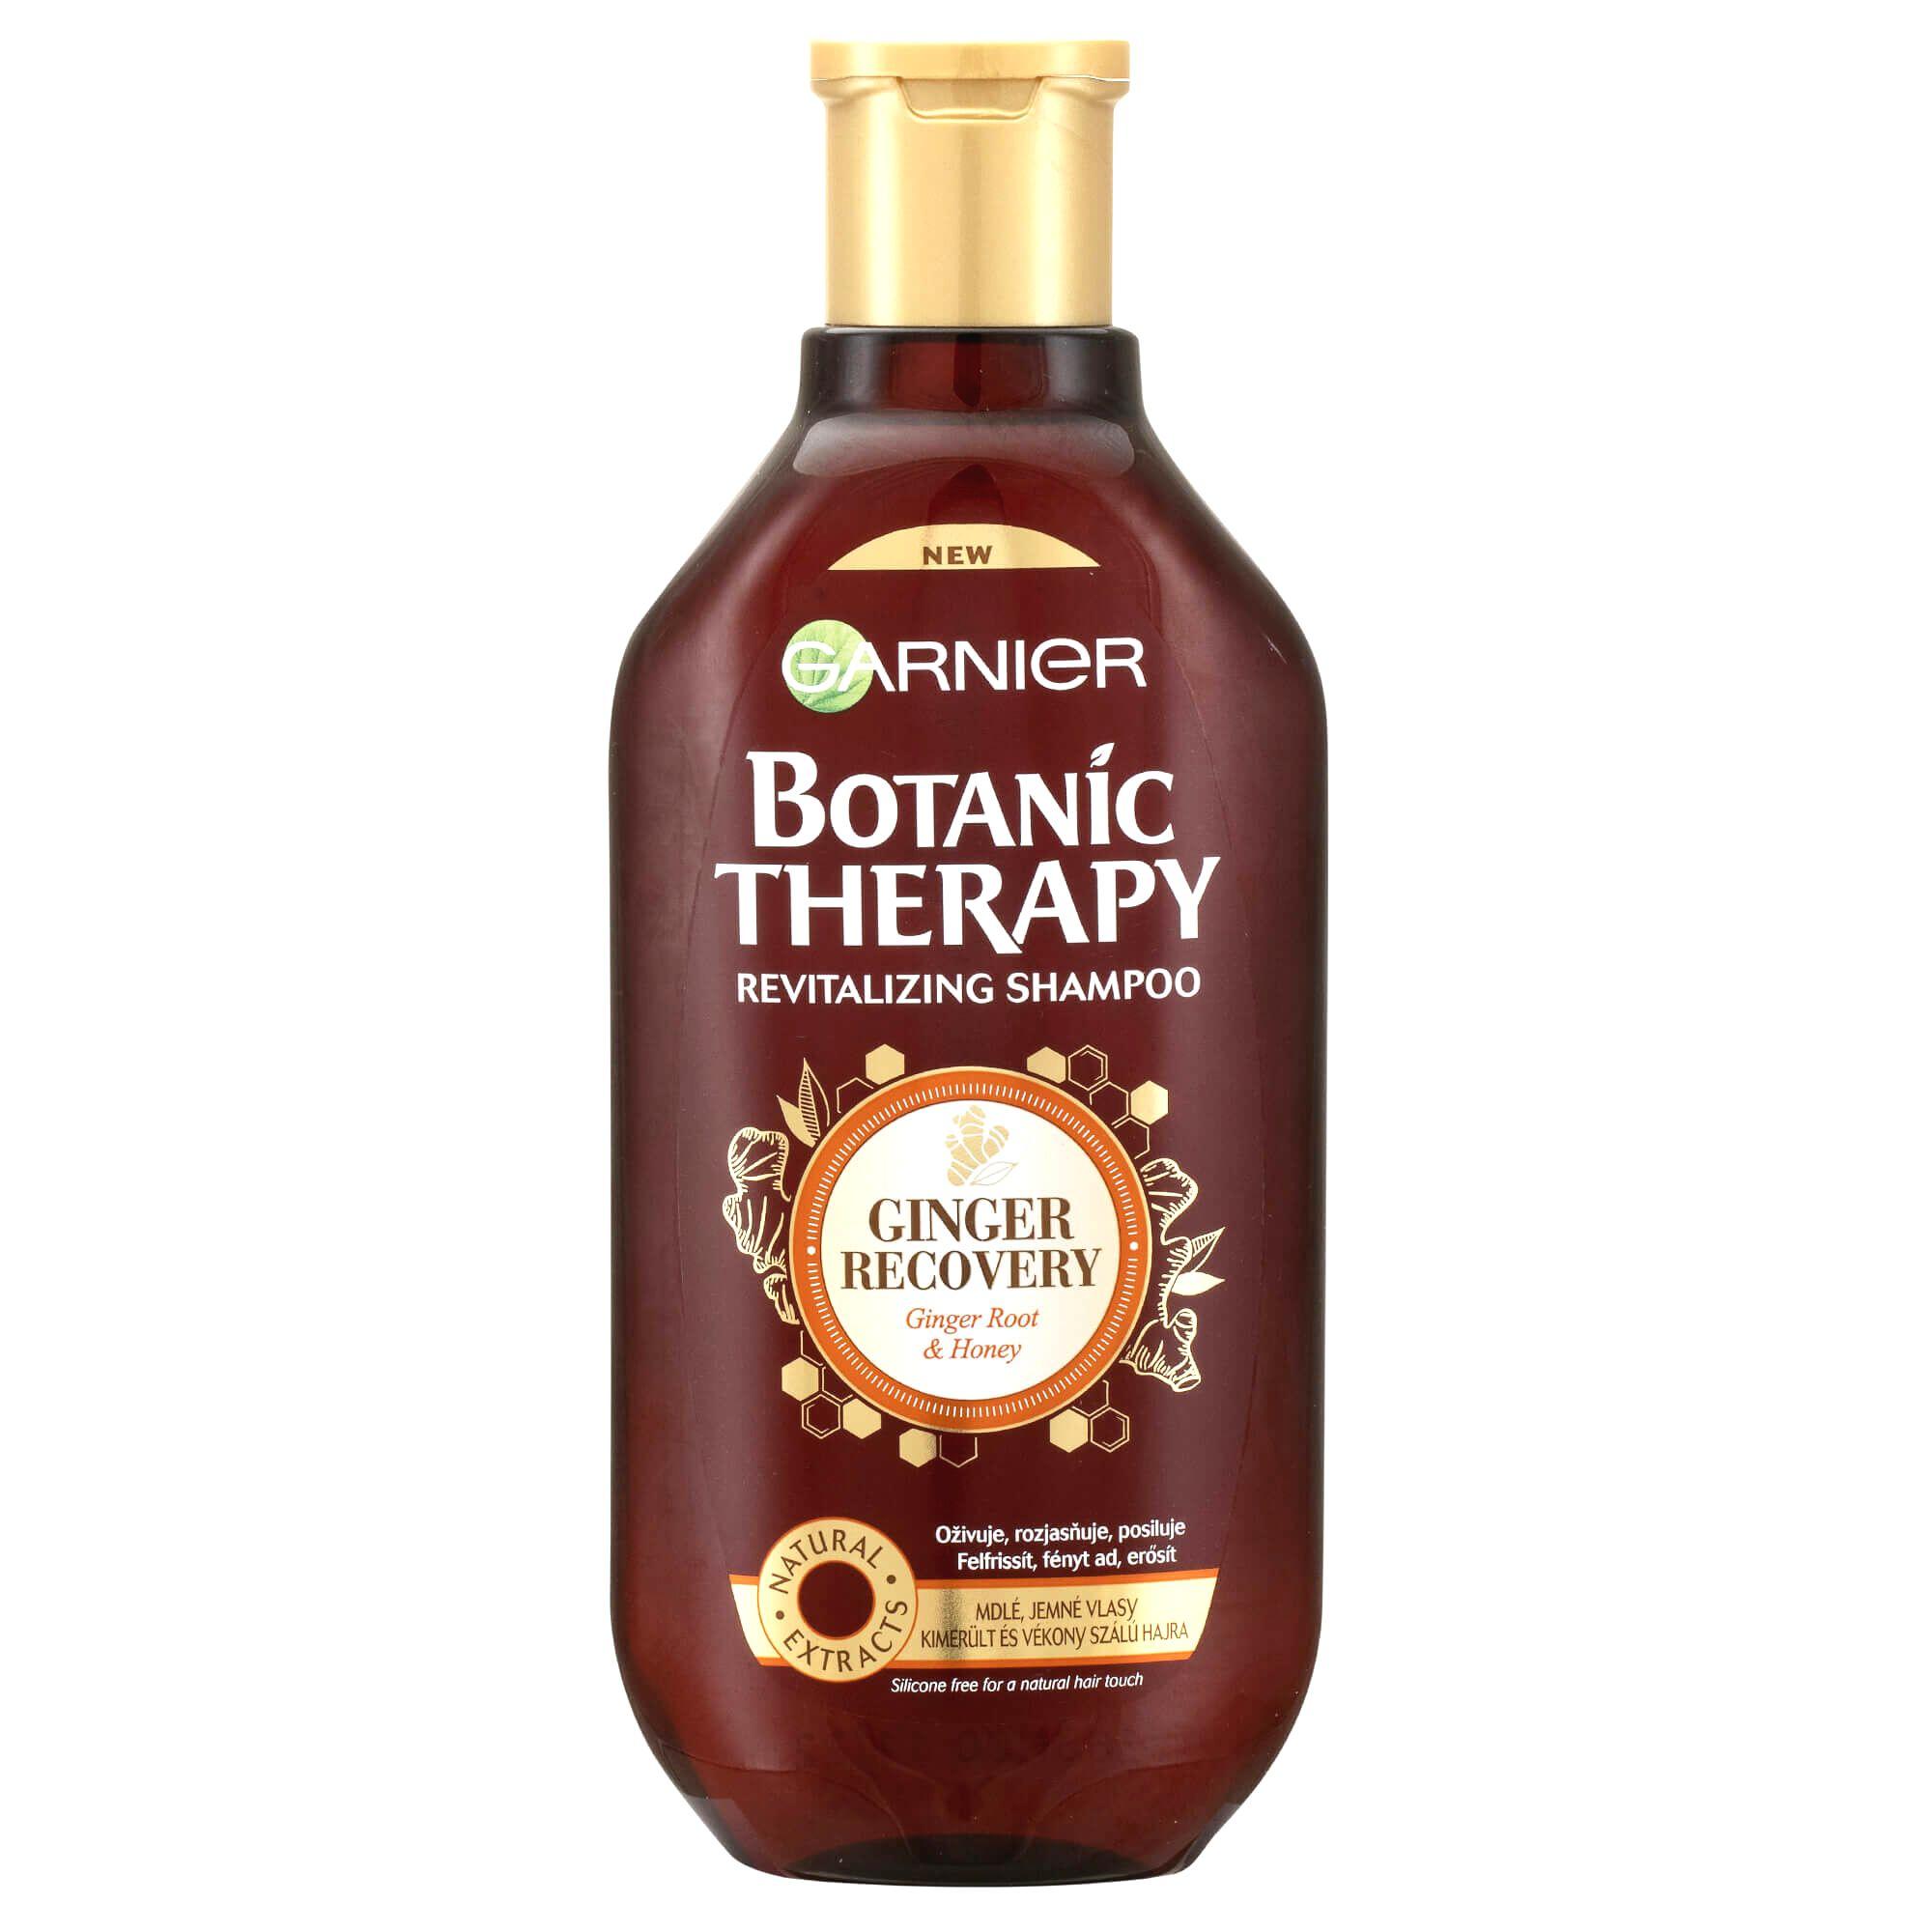 Garnier Revitalizačný šampón so zázvorom a medom pre mdlé a jemné vlasy Botanic Therapy (Revitalizing Shampoo)400 ml